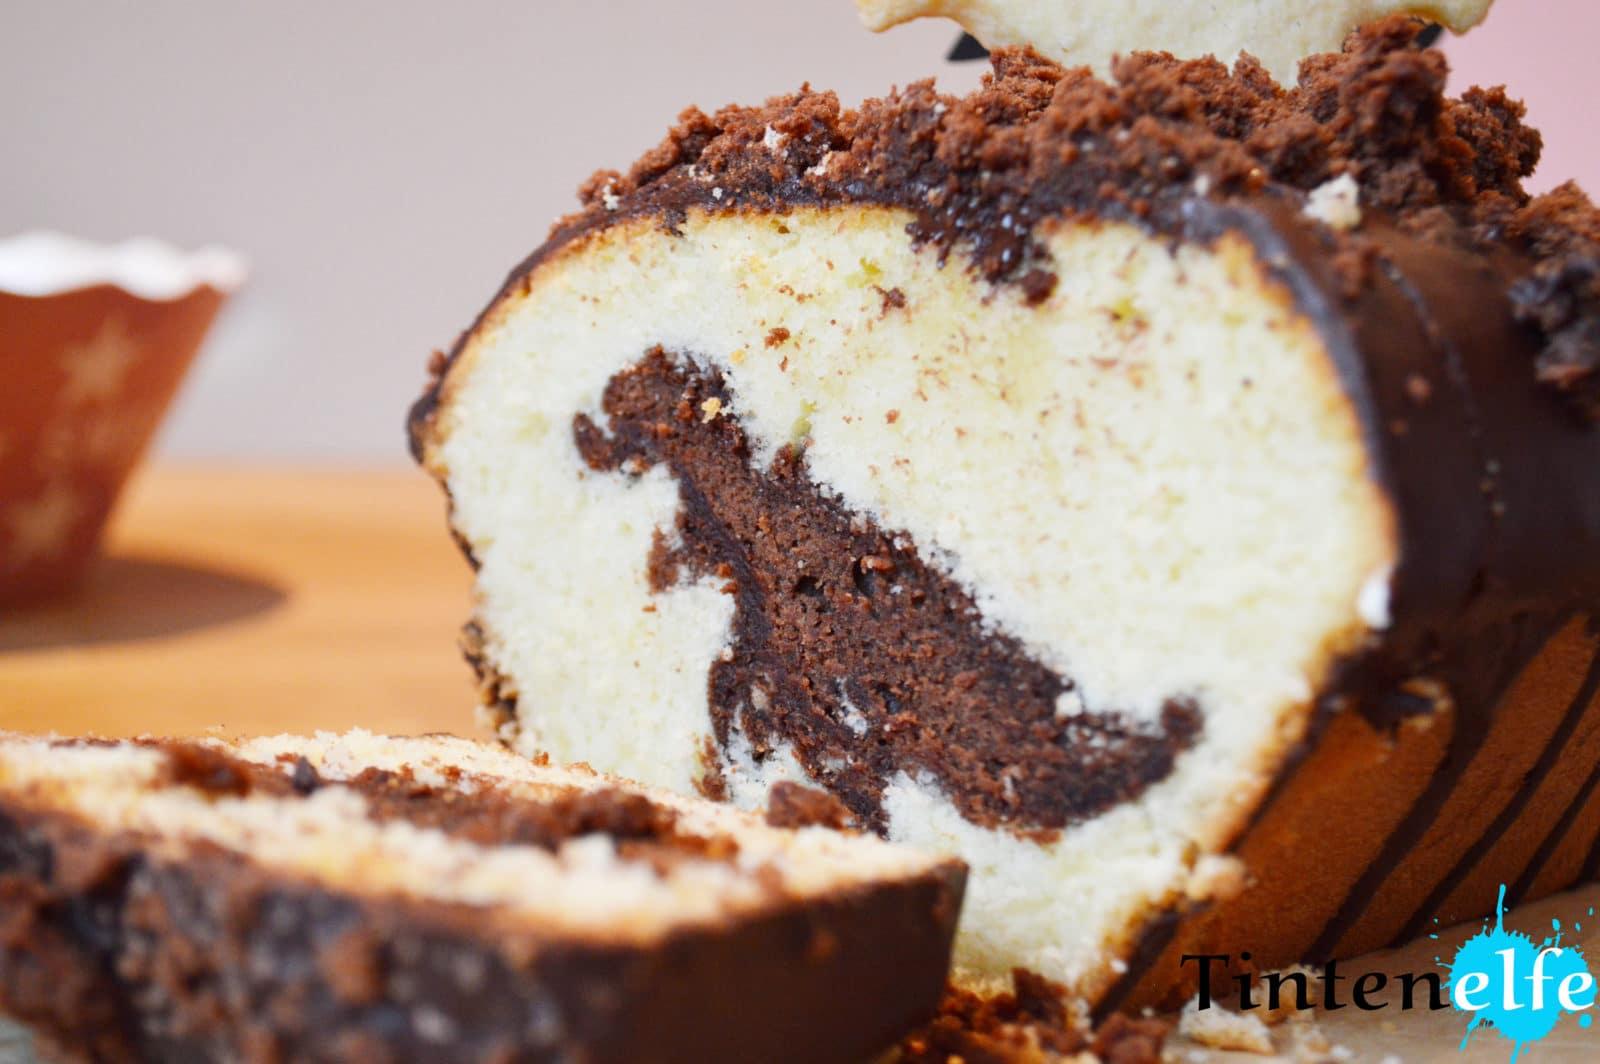 Kuchen mit verstecktem Dino plus Plotterfreebie  HANDMADE